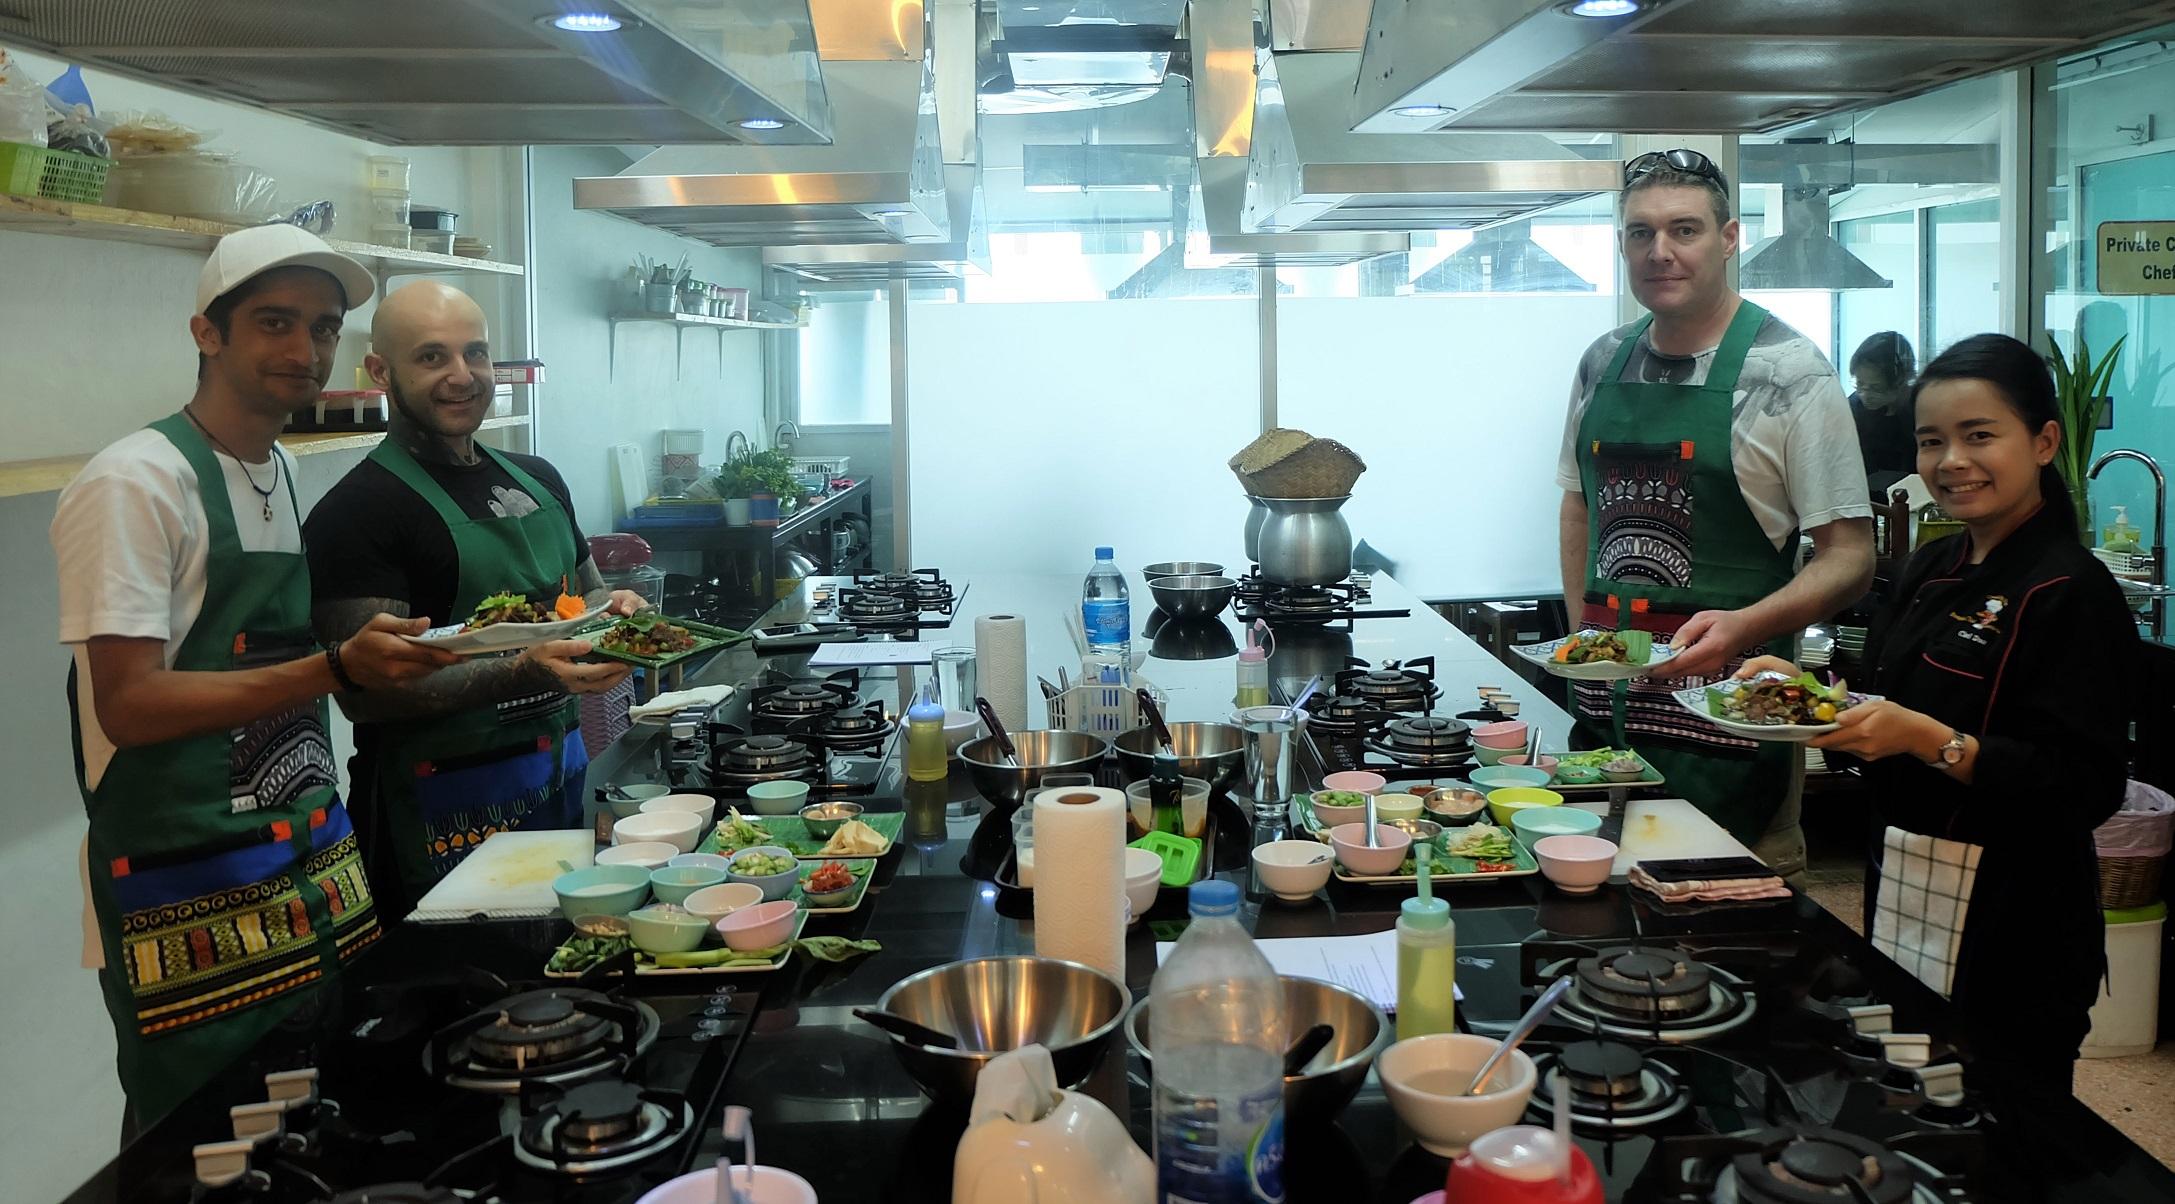 Chef Dao Private Chef Instructor